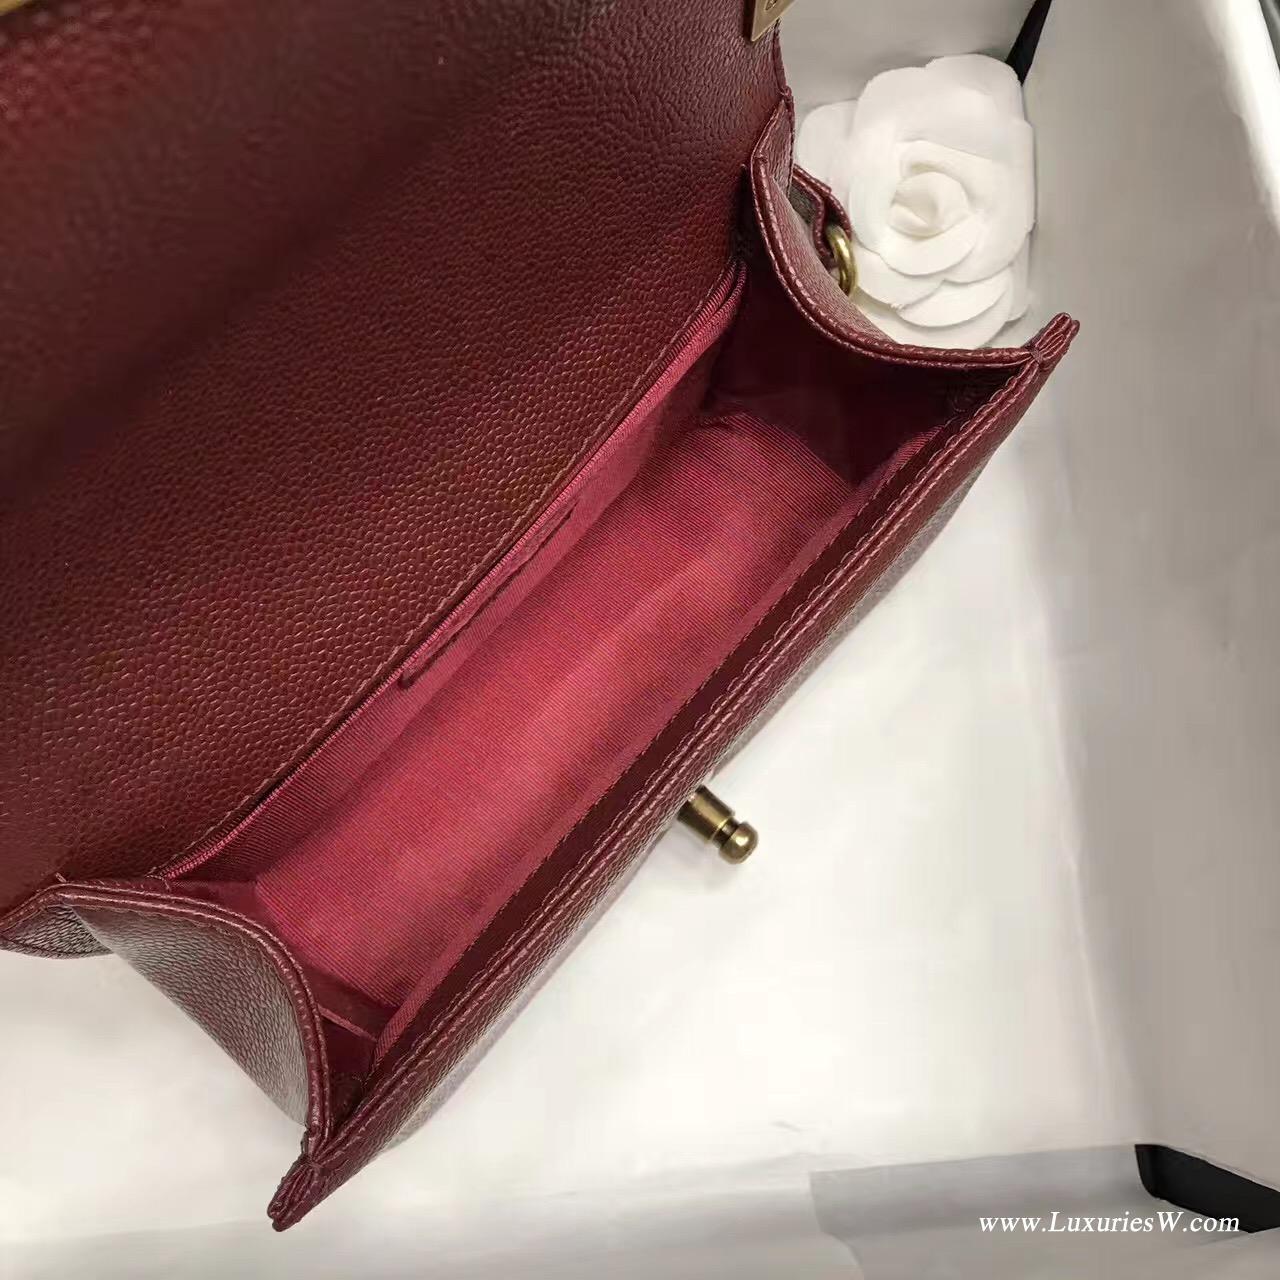 小香小號Leboy bag 20CM 口蓋包 棗紅色魚子醬顆粒壓花小牛皮與金色